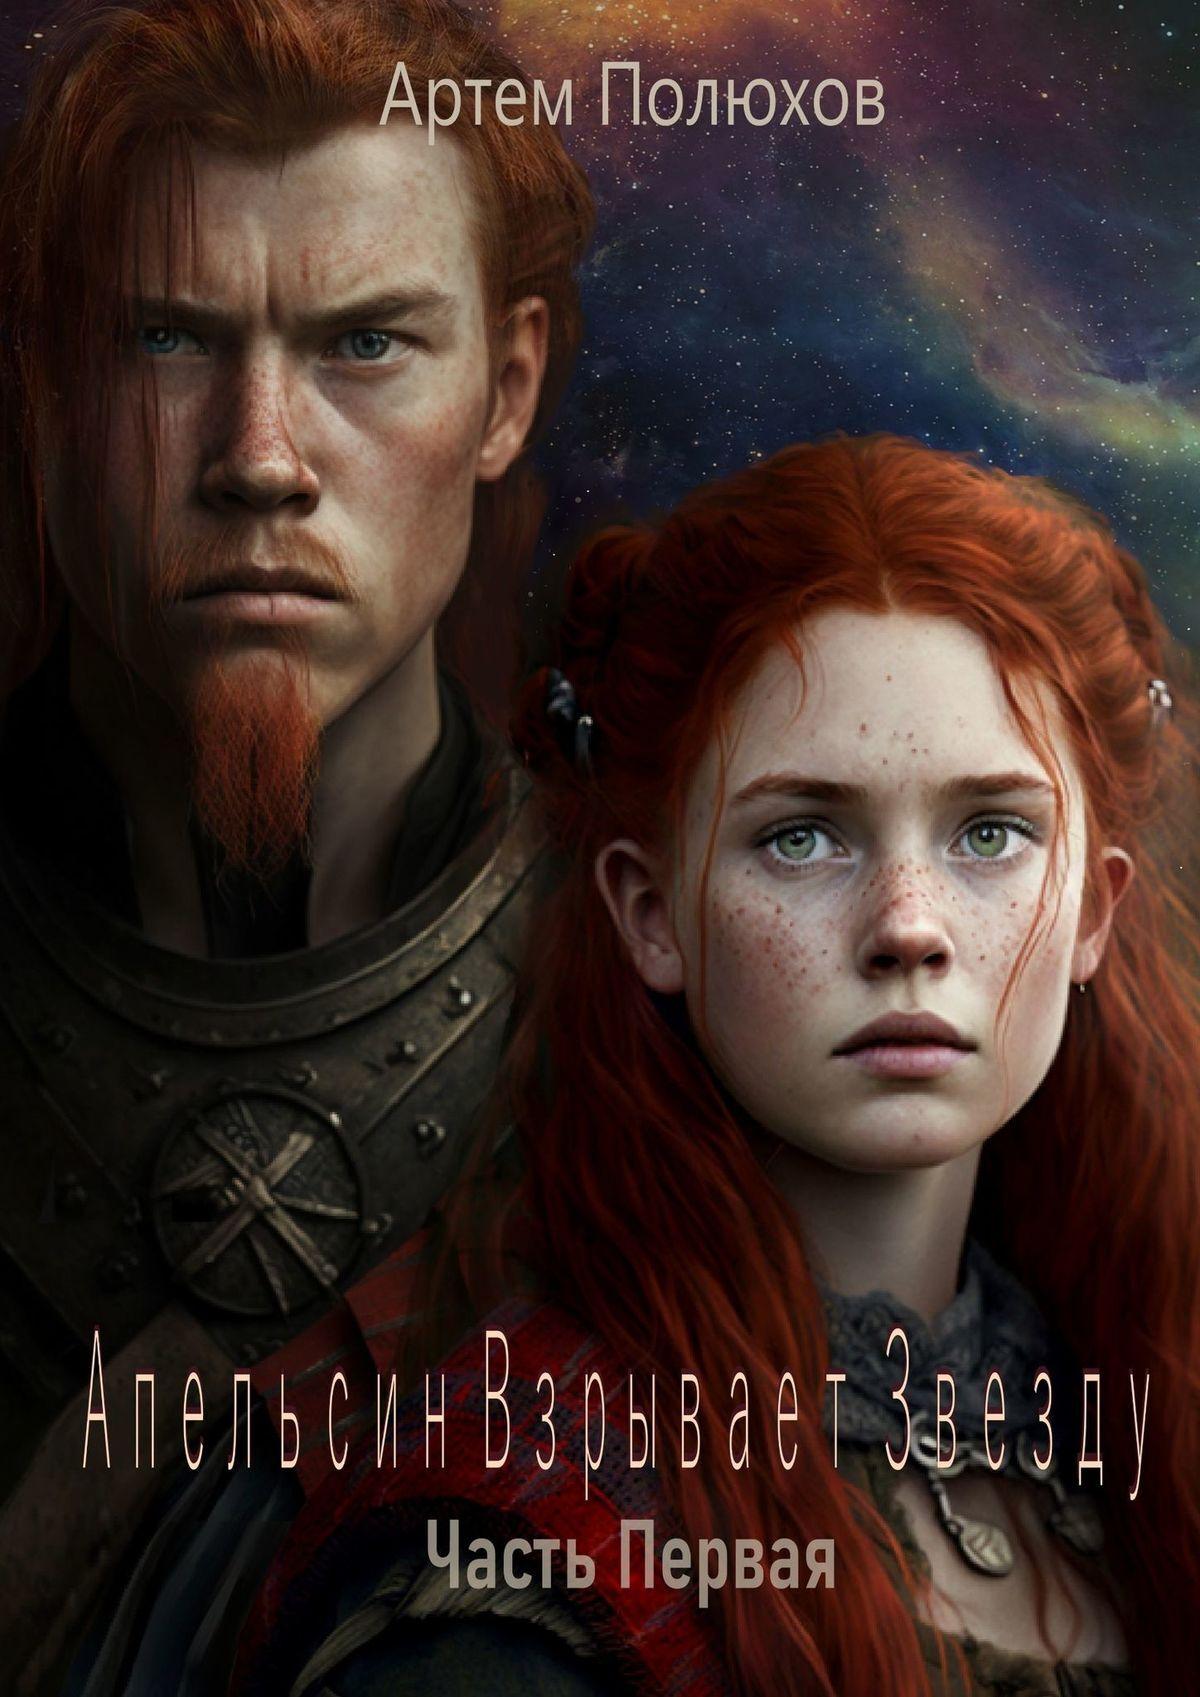 Артем Полюхов - Апельсин Взрывает Звезду. Часть Первая